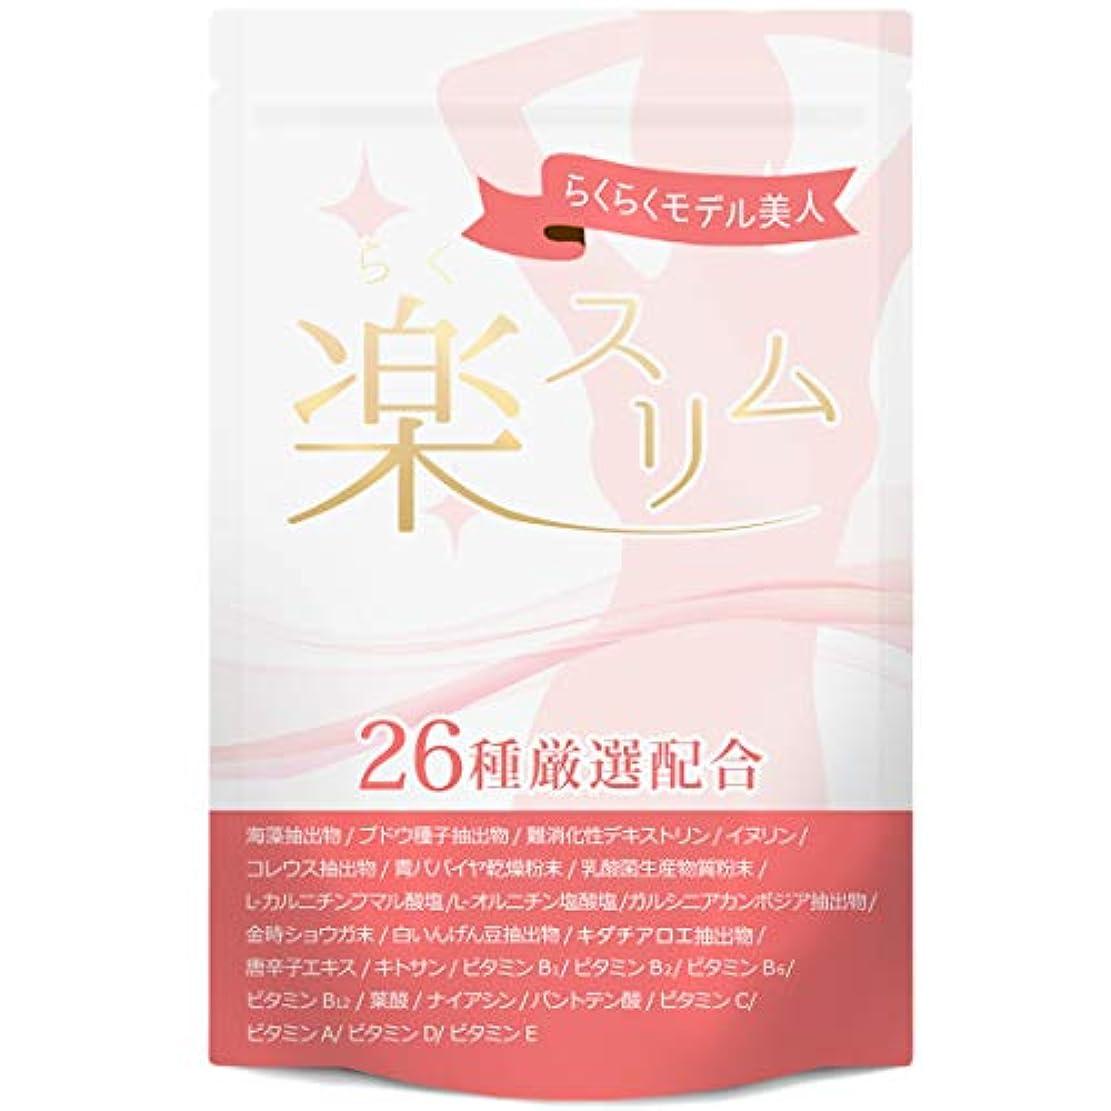 変数ビルダーダンプダイエット サプリ 楽スリム 燃焼系 サプリメント ダイエットサプリ 60粒30日分